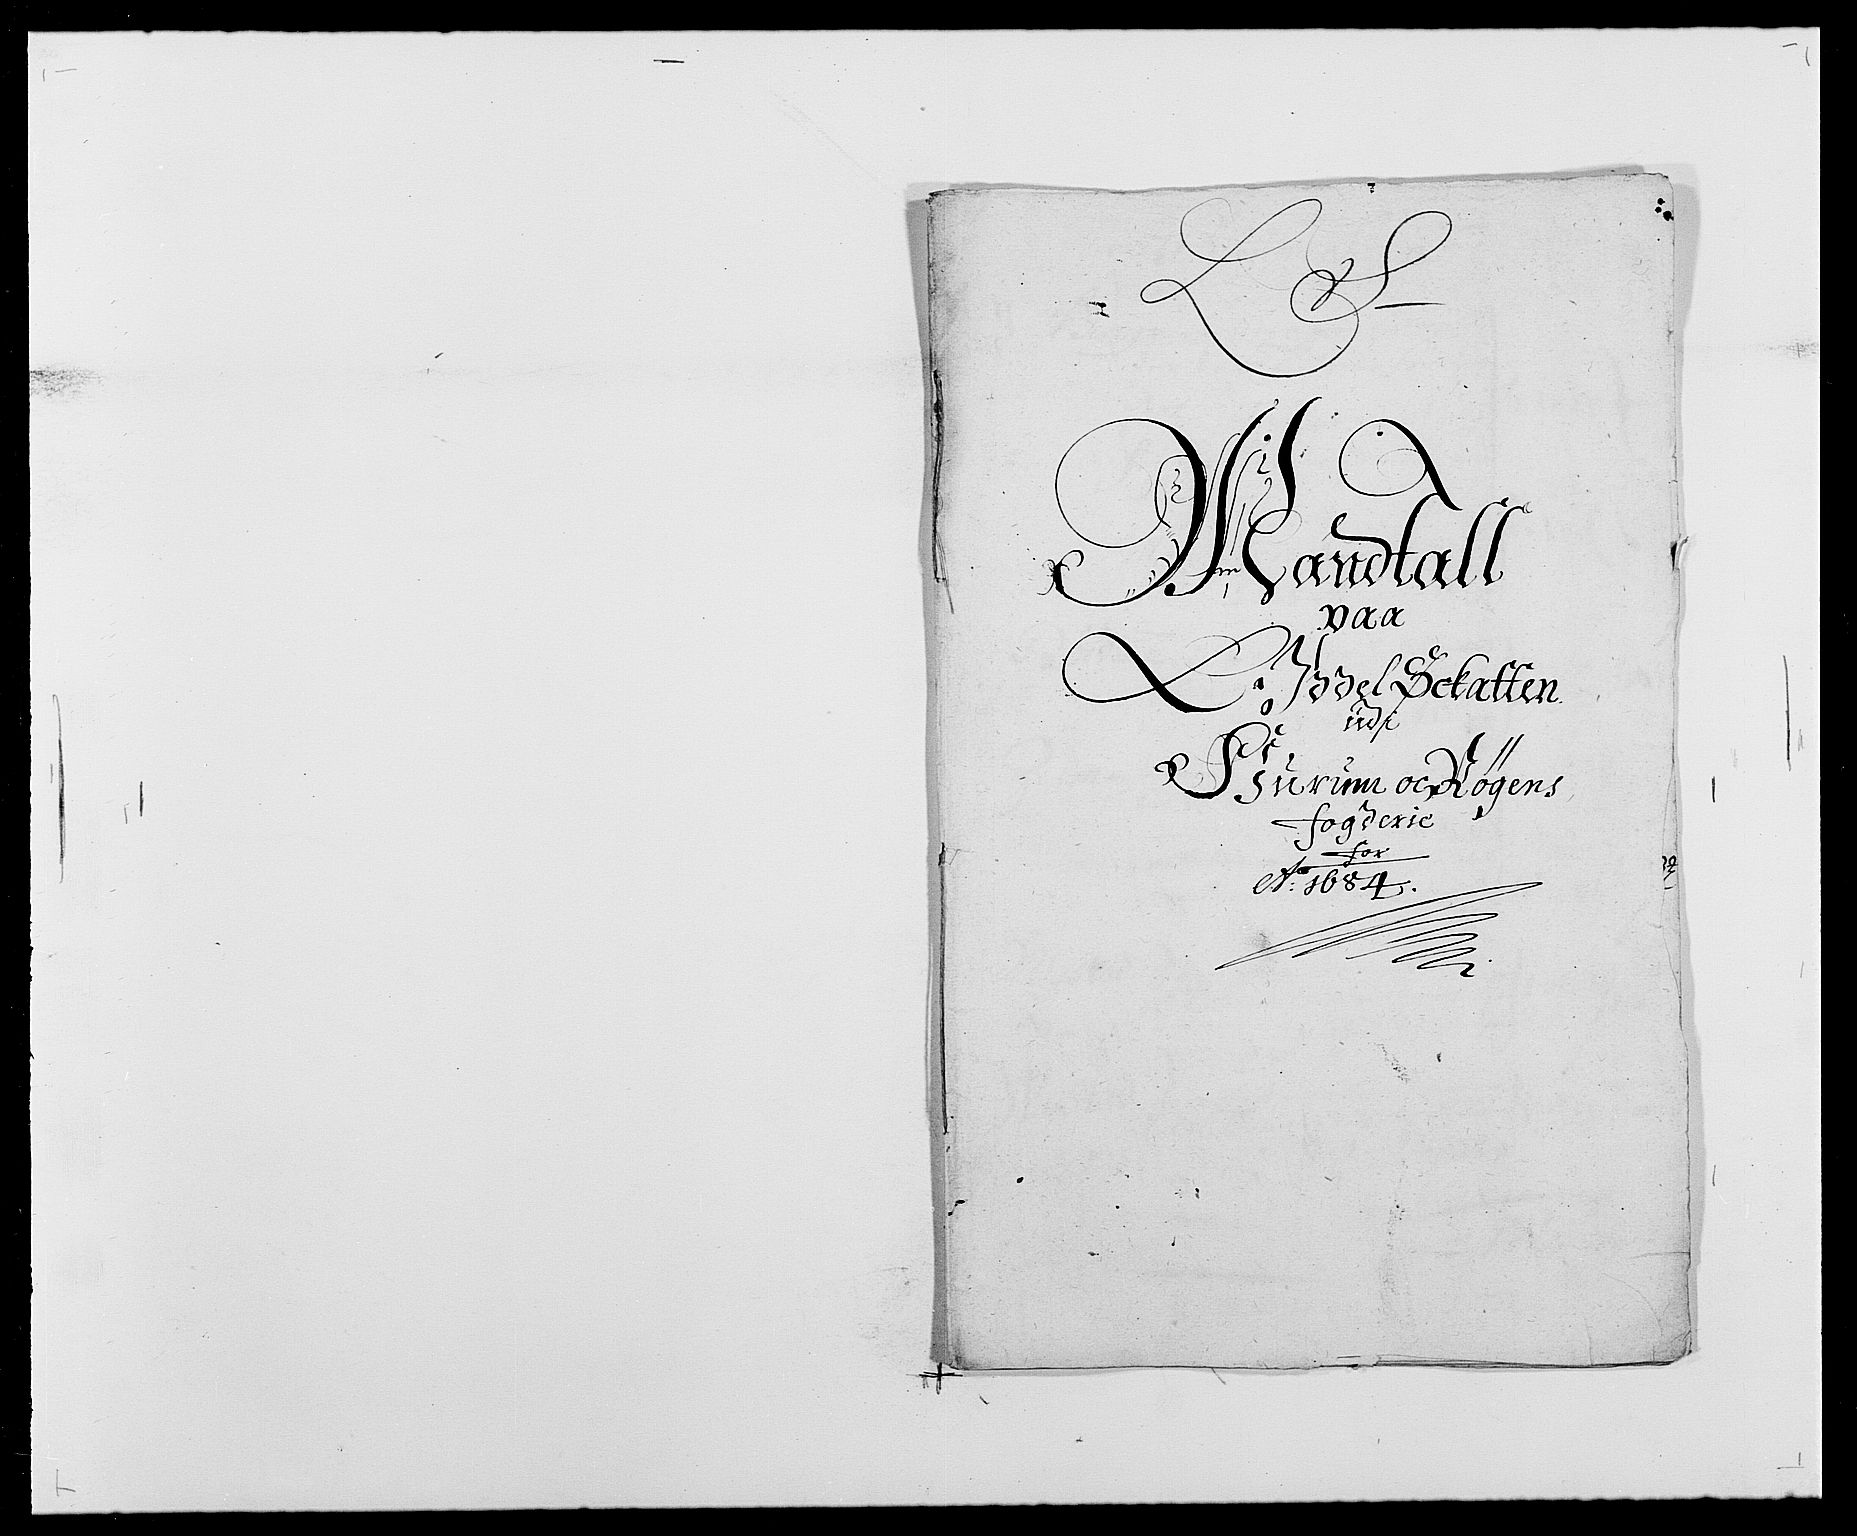 RA, Rentekammeret inntil 1814, Reviderte regnskaper, Fogderegnskap, R29/L1692: Fogderegnskap Hurum og Røyken, 1682-1687, s. 196